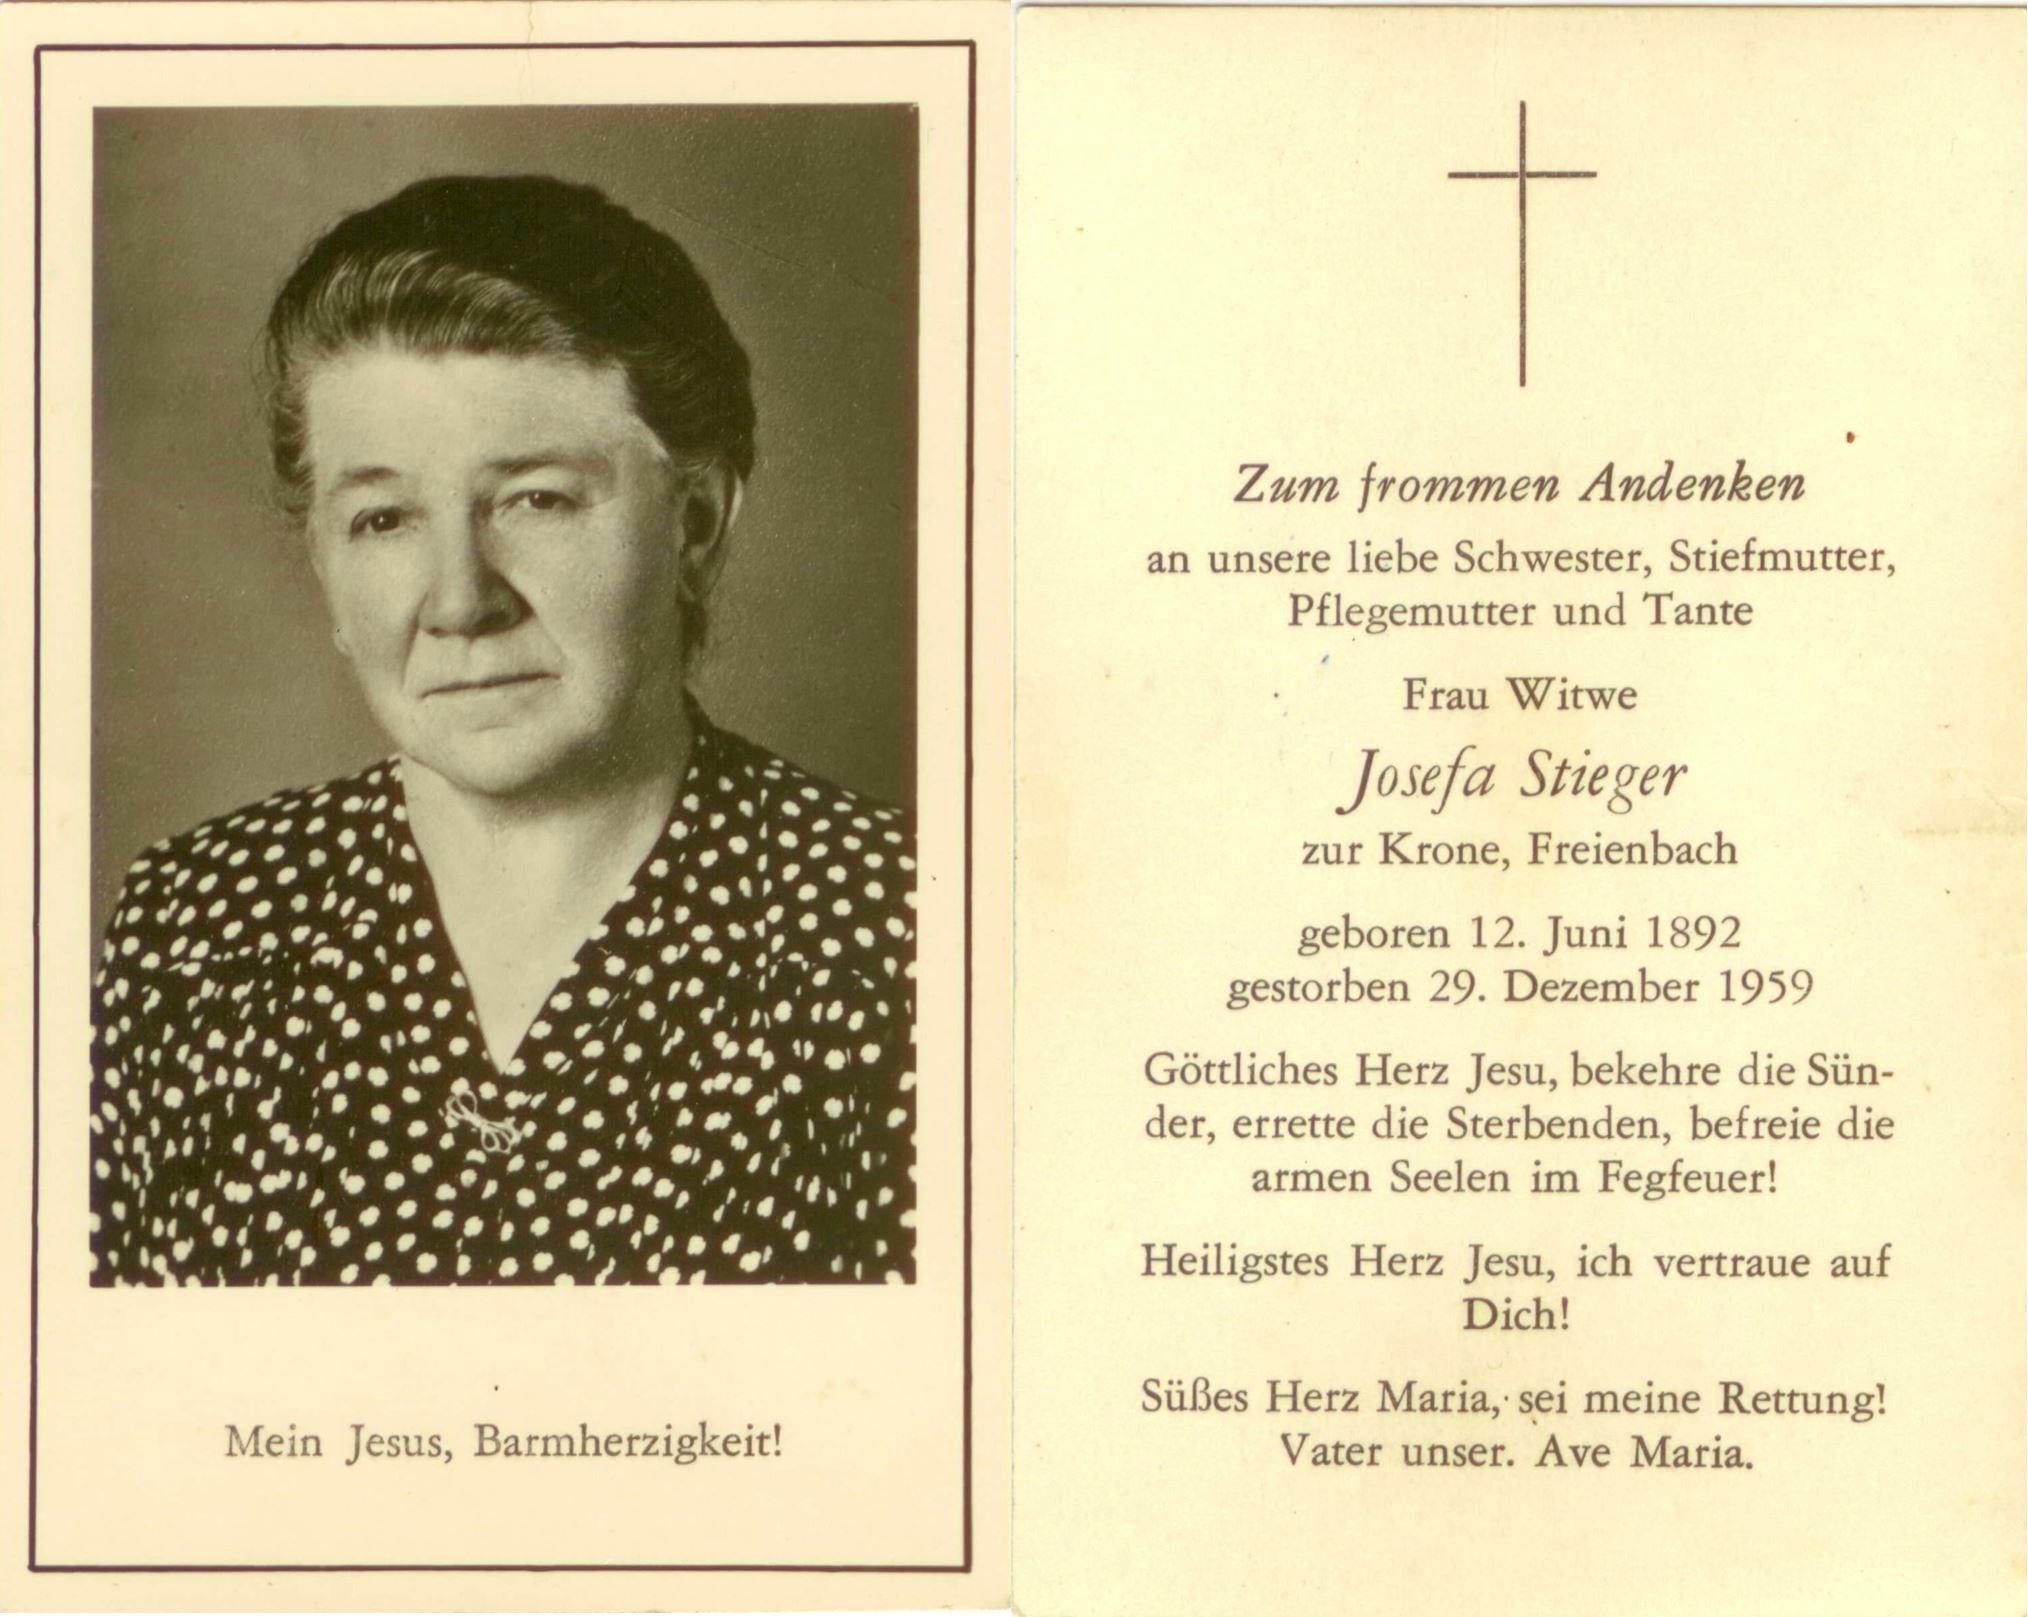 Josefa Stieger (1892-1959)